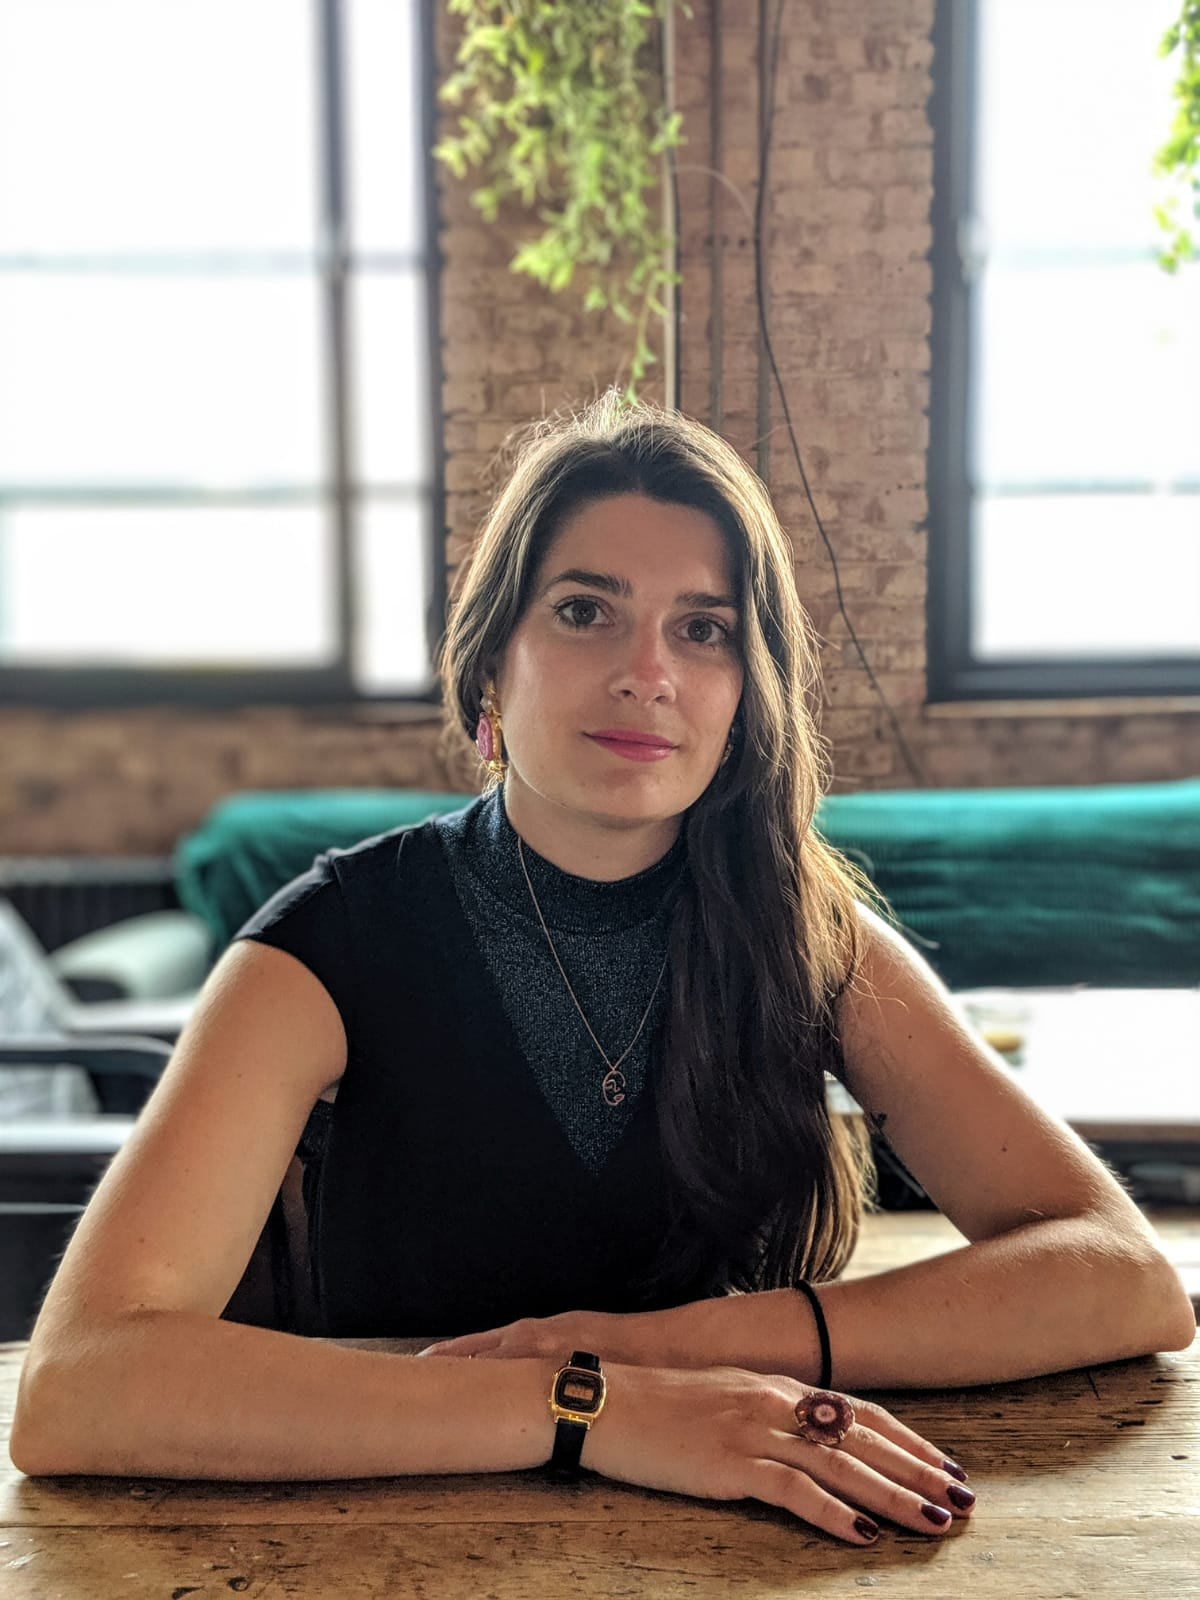 Claire Michel - profile image